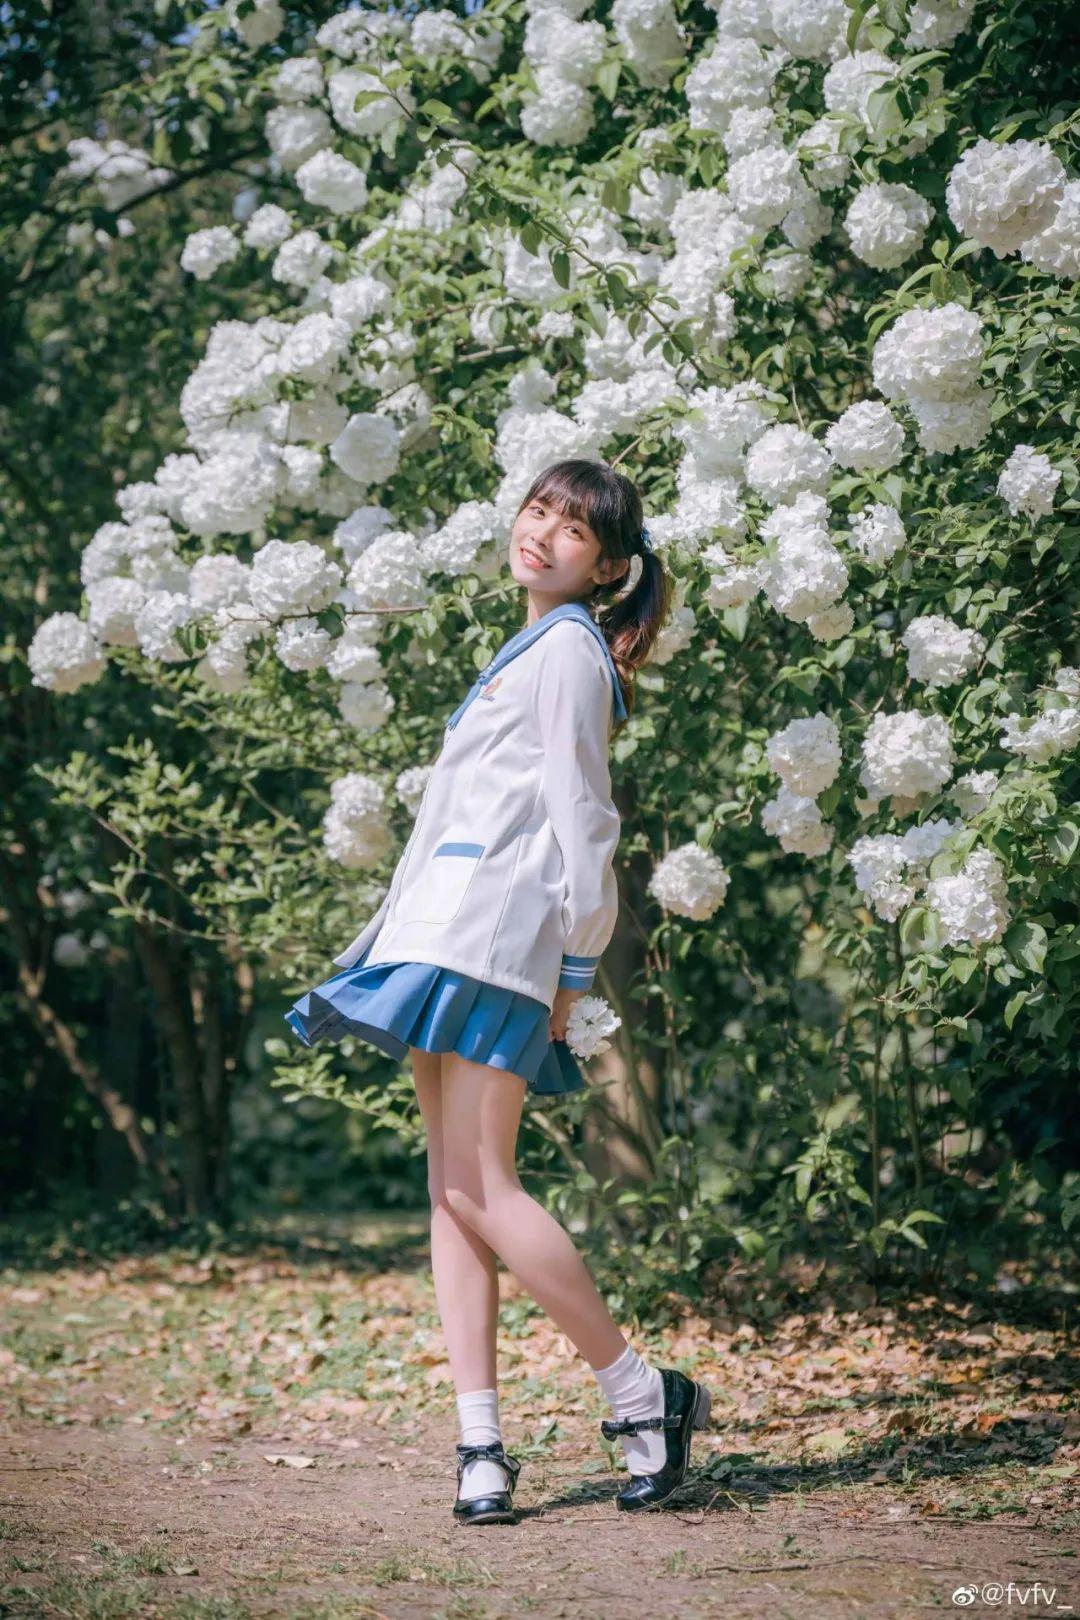 妹子摄影 – JK制服白丝小腿袜少女,初恋的香气_图片 No.11